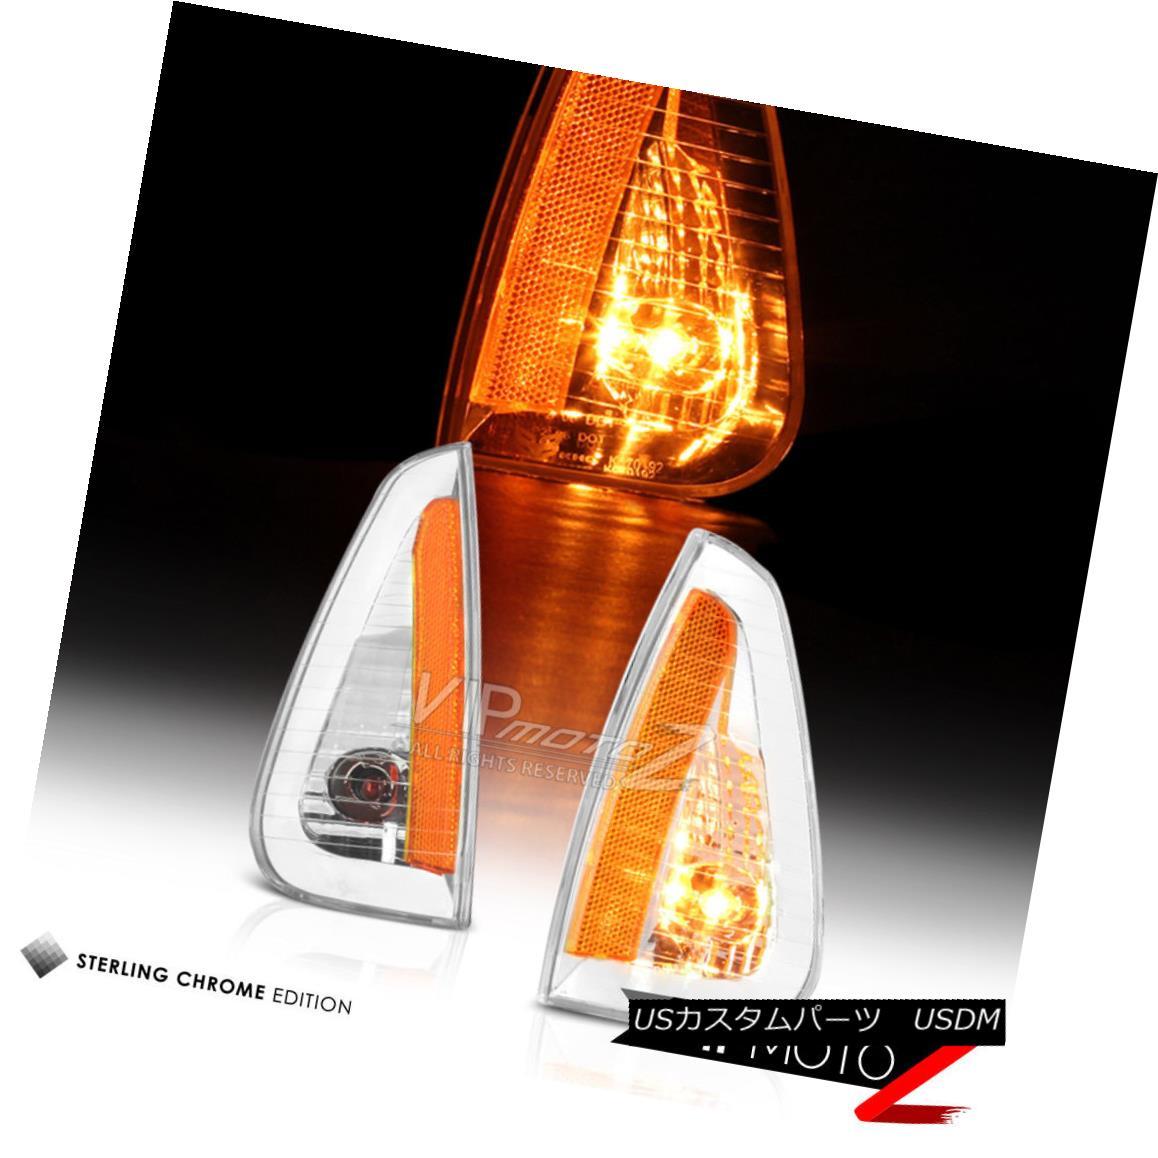 ヘッドライト Dodge Charger 2006-2010 Crystal Clear Corner Parking Side Marker Light Lamp Pair ダッジチャージャー2006-2010クリスタルクリアコーナーパーキングサイドマーカーライトランプペア